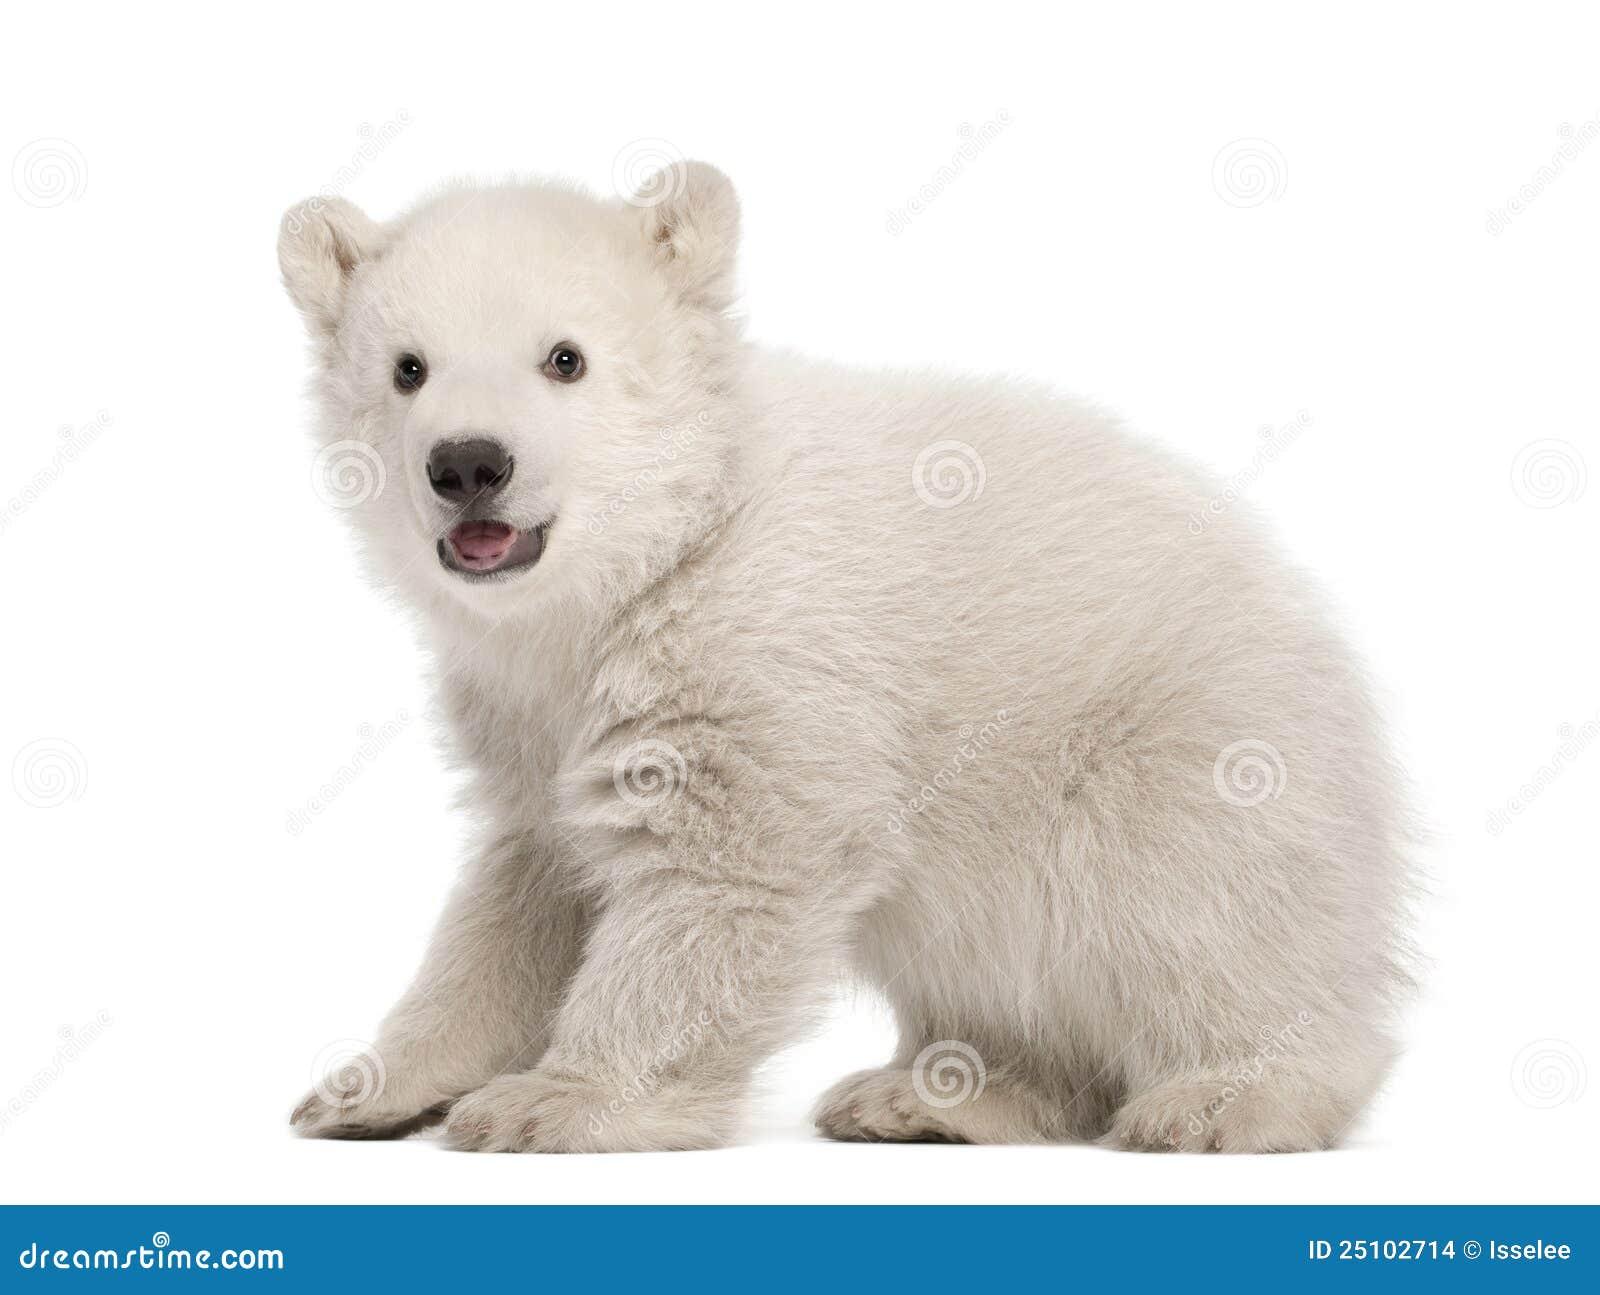 Filhote de urso polar, maritimus do Ursus, 3 meses velho